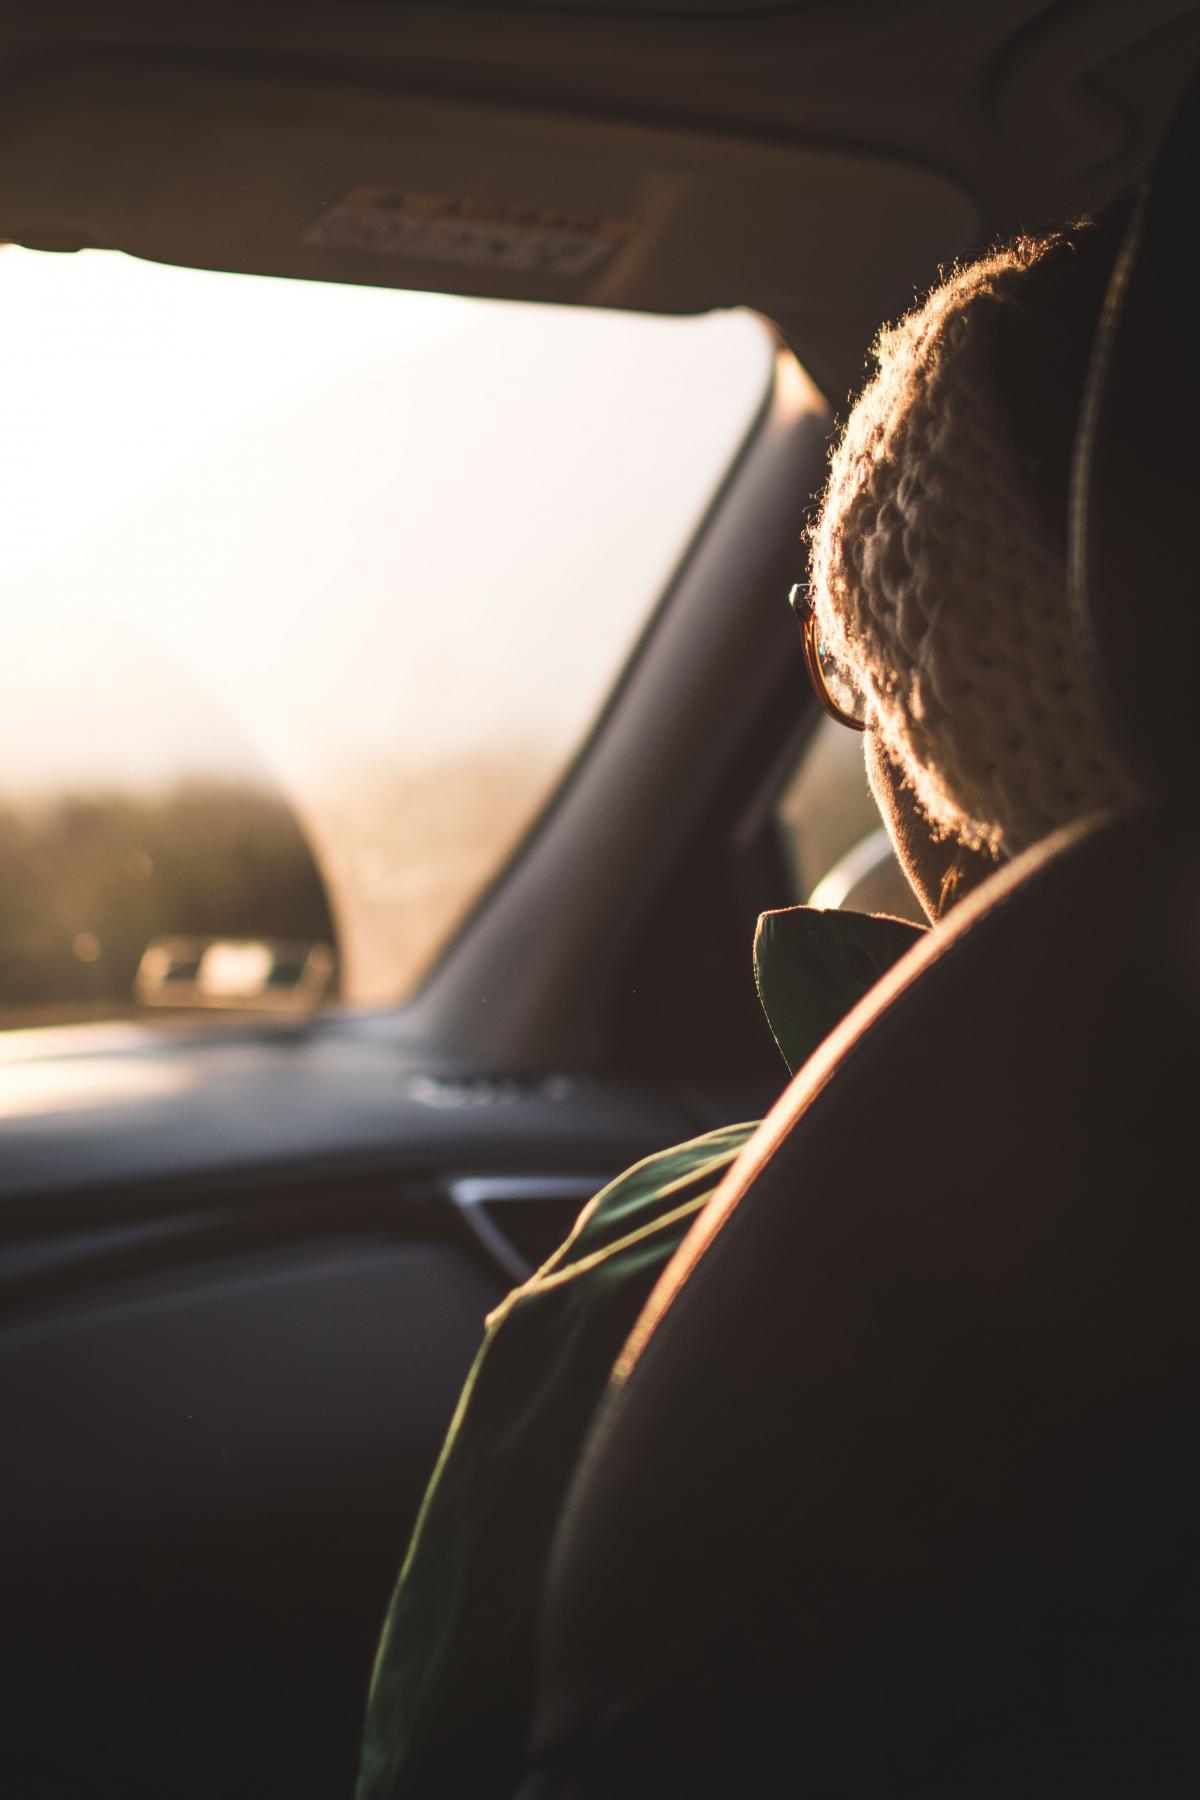 Mirror Car Car mirror